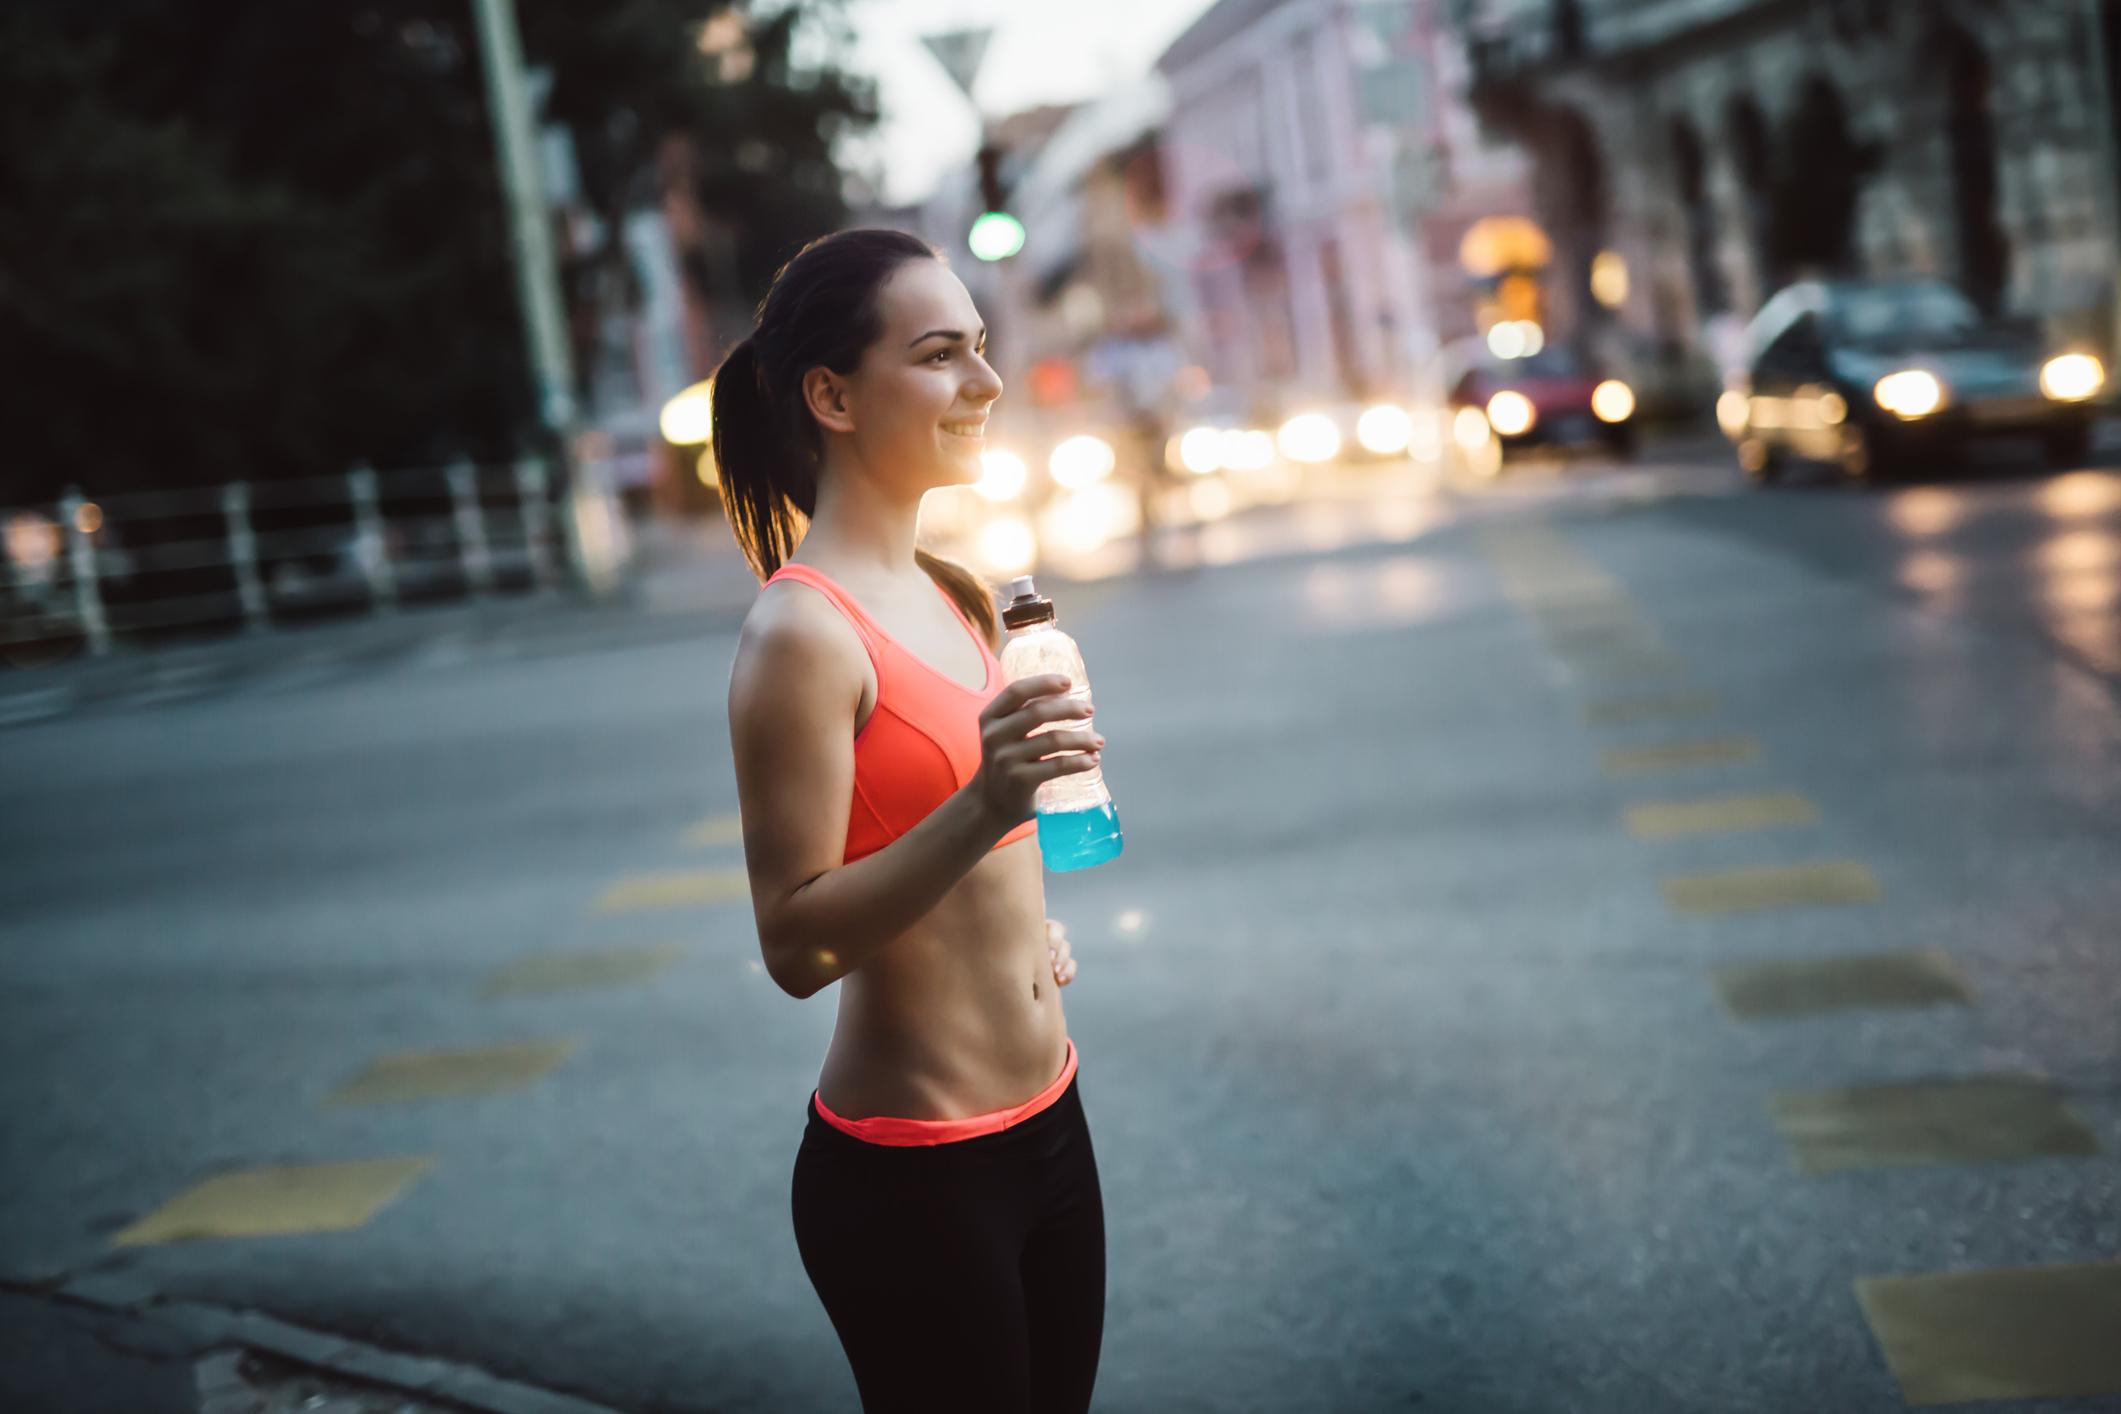 Як новачкам почати правильно бігати вечорами